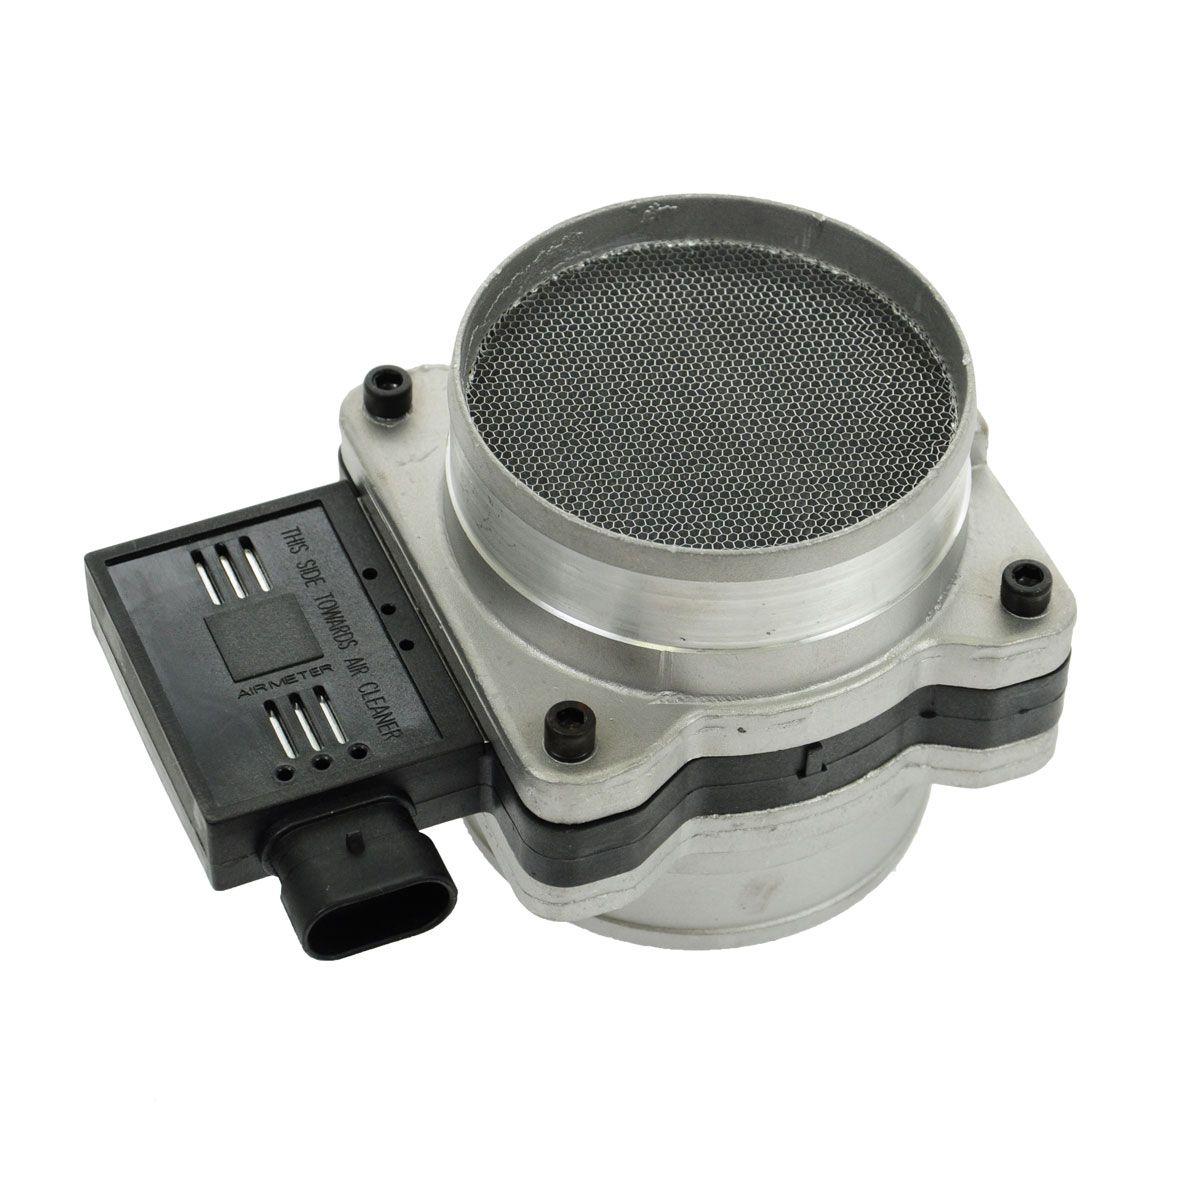 WALKER 245-1062 Mass Air Flow Sensor Meter for Buick Chevy GMC Isuzu Olds